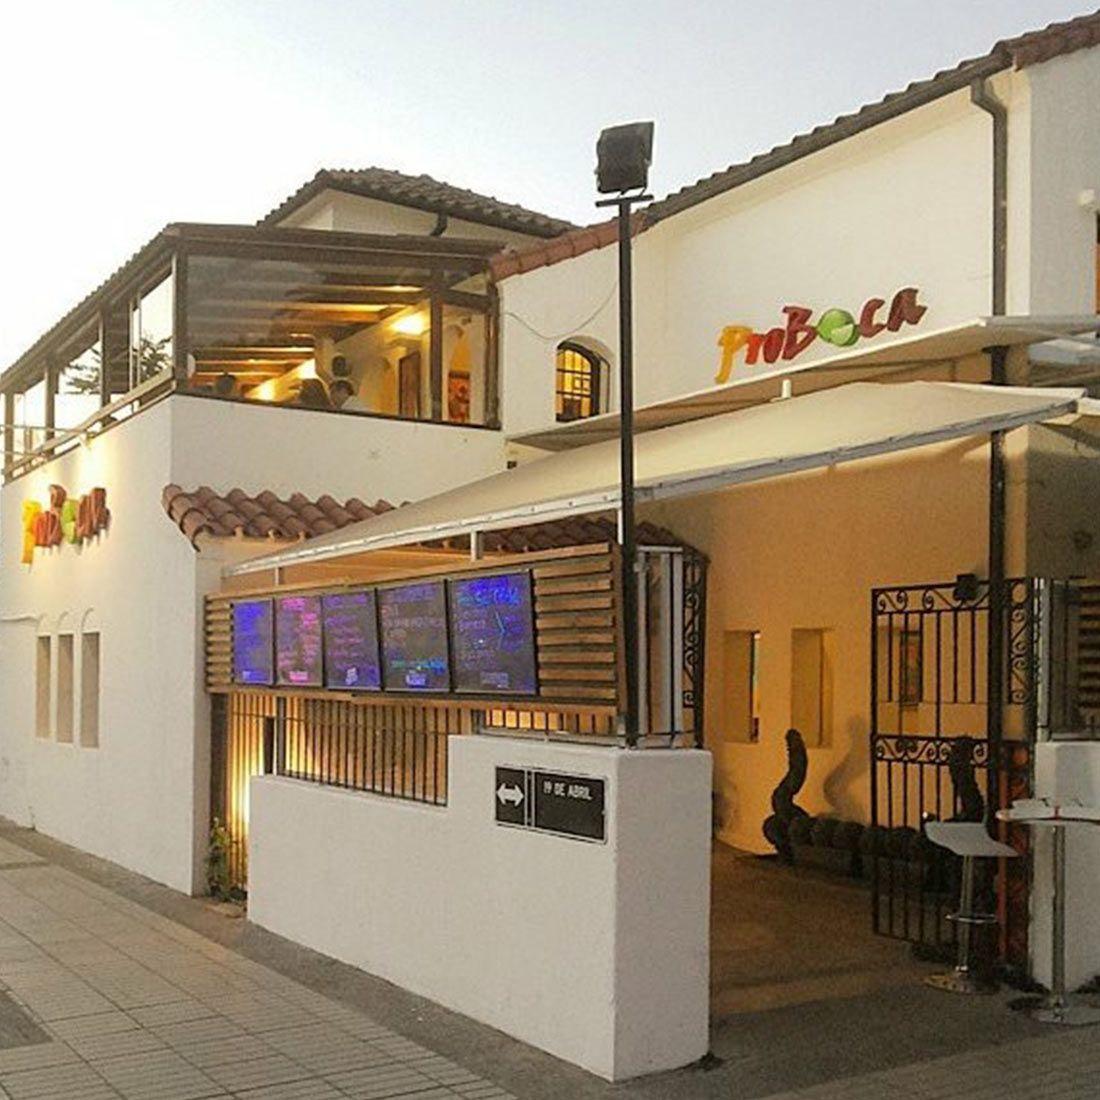 PROBOCA Restaurante - Reserva en restaurantes de Comida PERUANA - ÑUñOA - MESA 24/7 | SANTIAGO - Perú